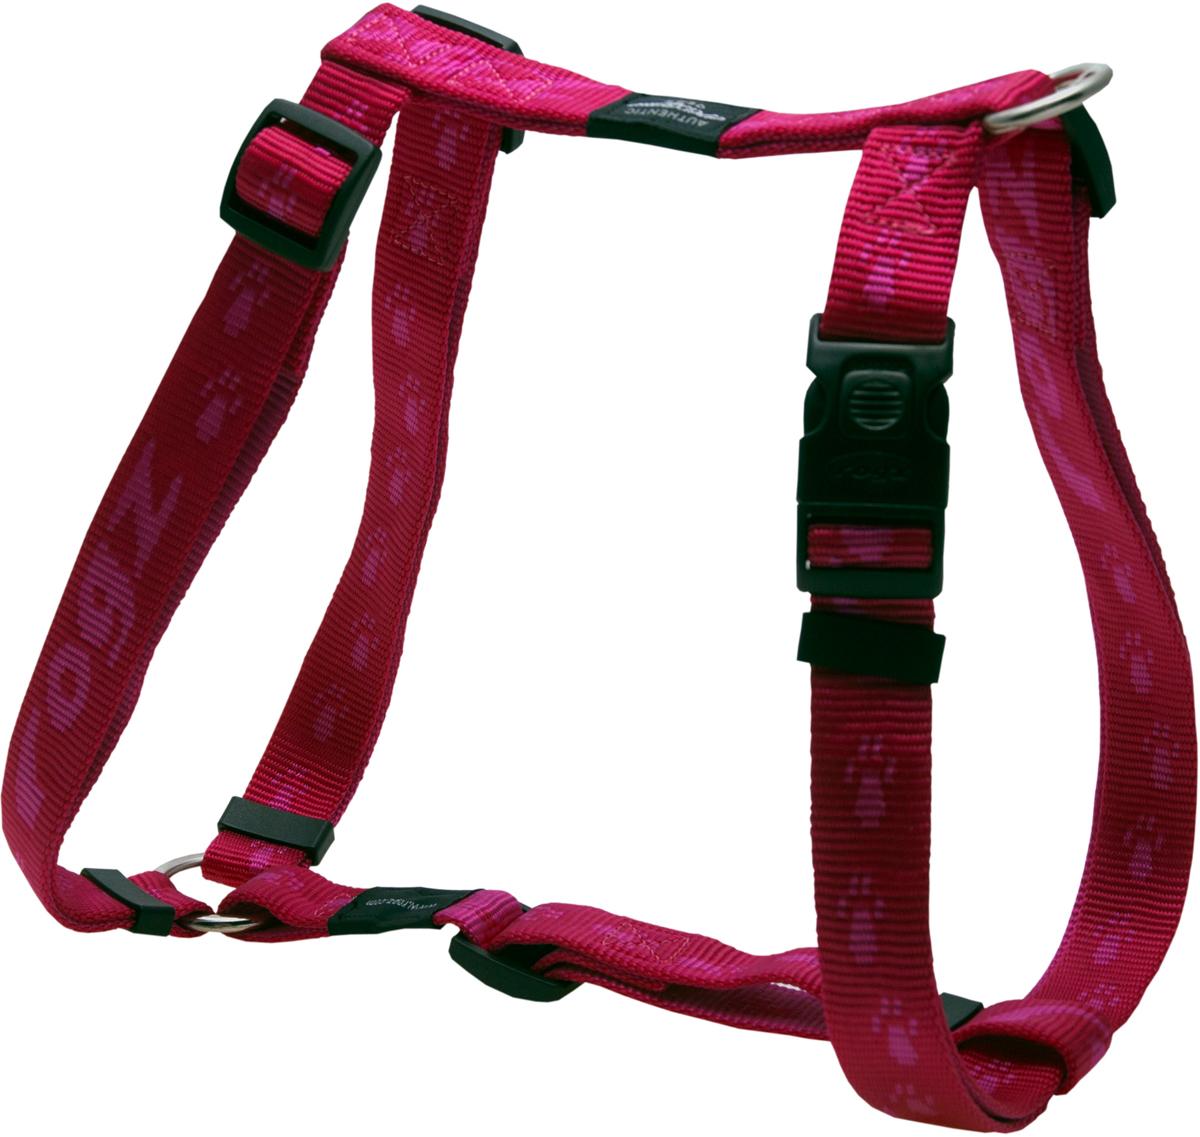 Шлейка для собак Rogz Alpinist, цвет: розовый, ширина 2,5 см. Размер XL0120710Особо мягкая, но очень прочная лента обеспечит безопасность на прогулке даже самым активным собакам.Все соединения деталей имеют специальную дополнительную строчку для большей прочности.Специальная конструкция пряжки Rog Loc - очень крепкая (система Fort Knox). Замок может быть расстегнут только рукой человека.Технология распределения нагрузки позволяет снизить нагрузку на пряжки, изготовленные из титанового пластика, с помощью правильного и разумного расположения грузовых колец, благодаря чему, даже при самых сильных рывках, изделие не рвется и не деформируется.Выполненные специально по заказу ROGZ литые кольца гальванически хромированы, что позволяет избежать коррозии и потускнения изделия. Полотно: нейлоновая тесьма. Пряжки: ацетиловый пластик. Кольца: цинковое литье.